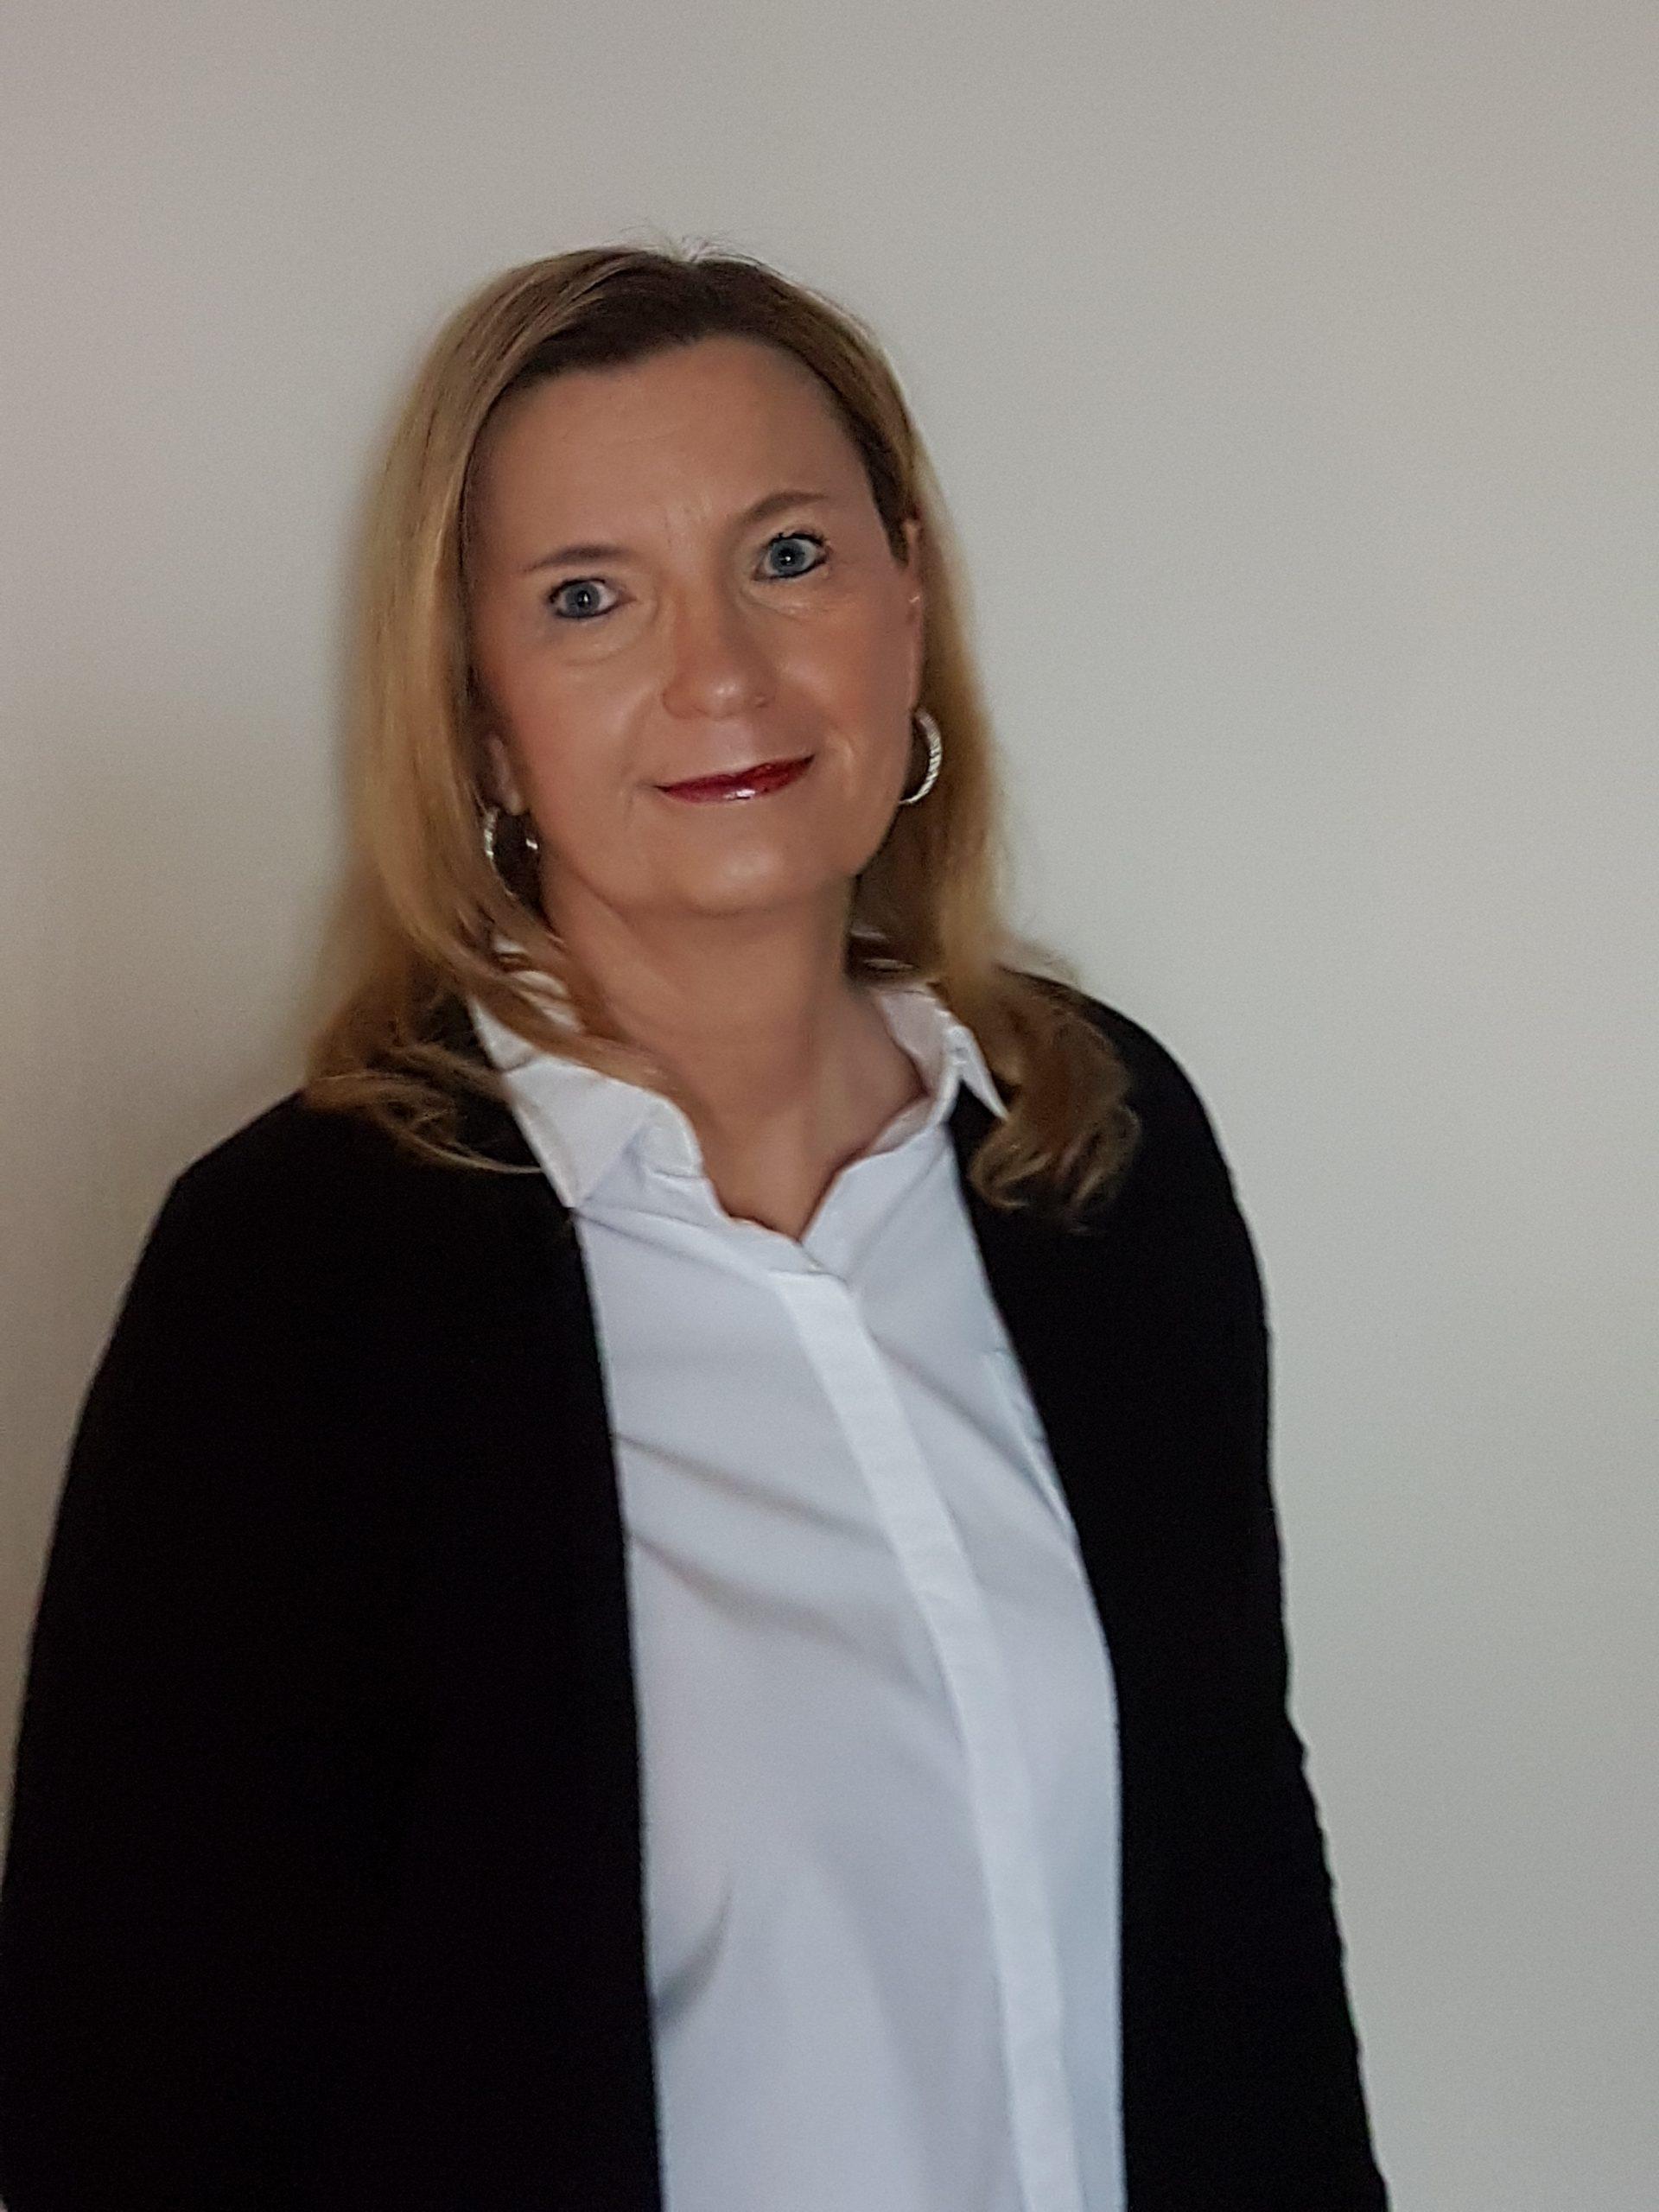 Anke Prühs-Krüger